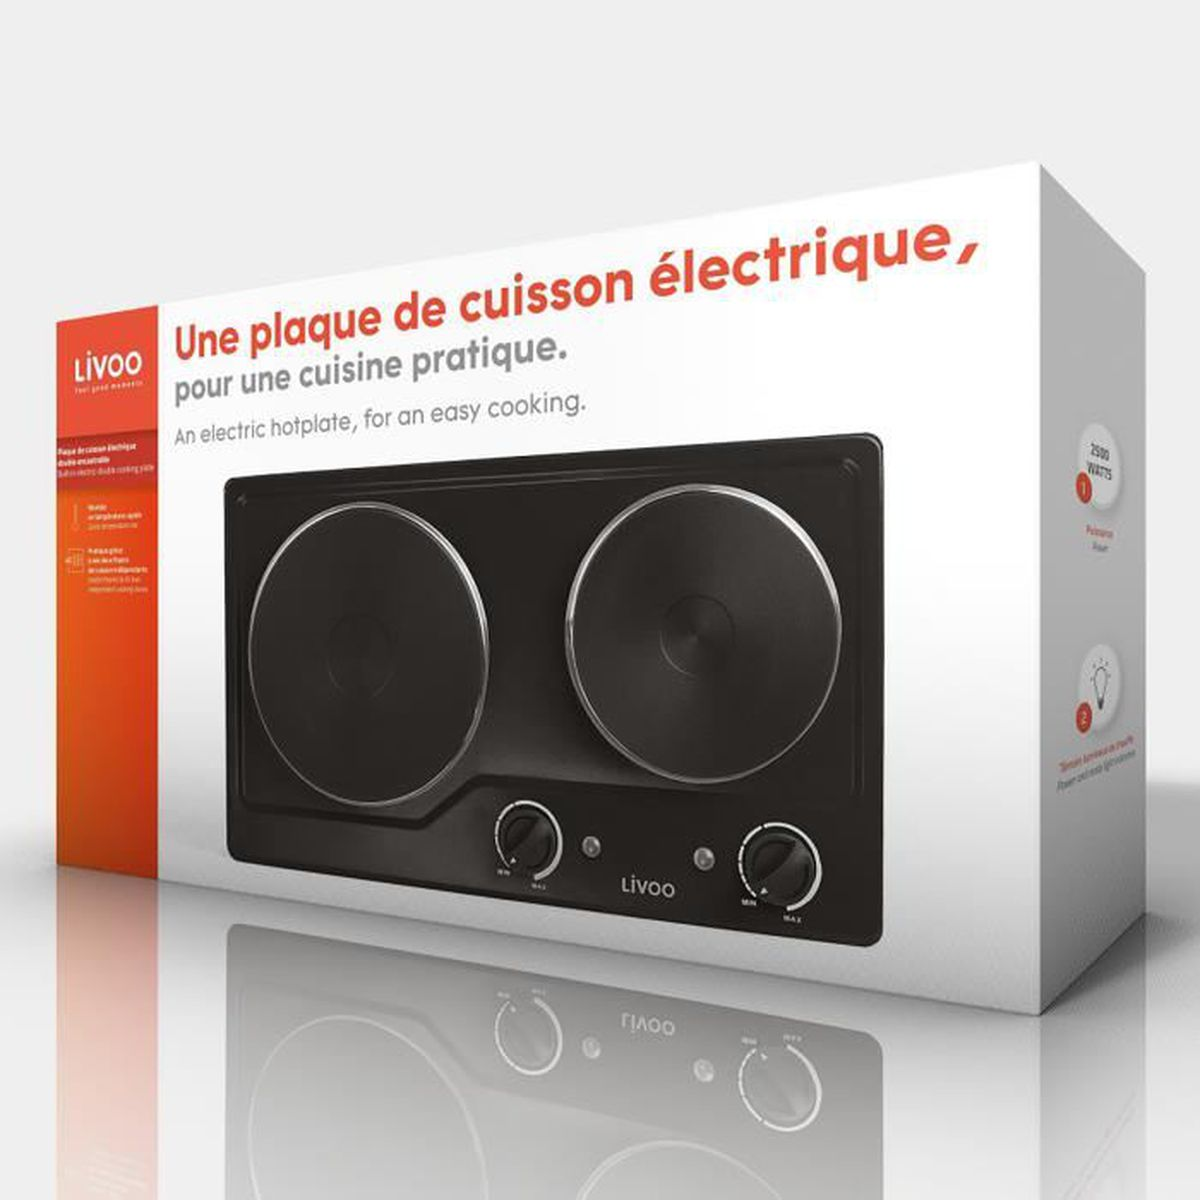 Demonter Plaque De Cuisson Electrique plaque de cuisson double électrique domoclip doc168n noire